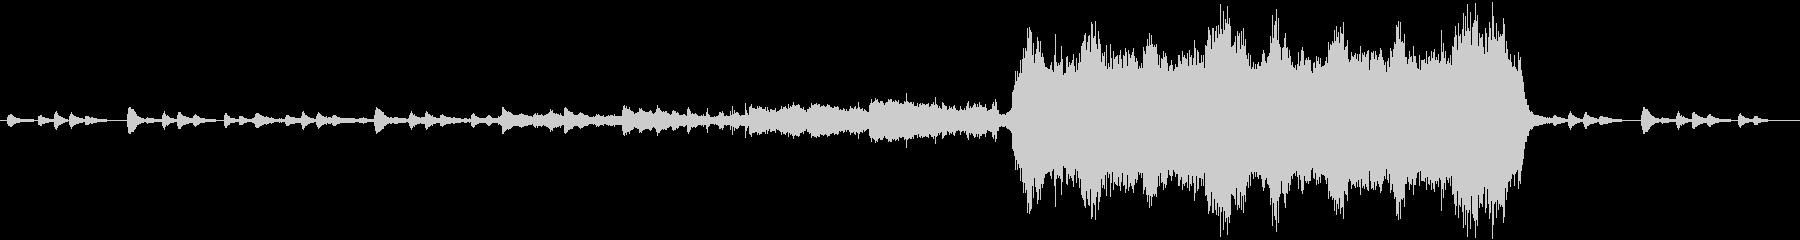 ピアノから盛り上がるオーソドックス曲の未再生の波形